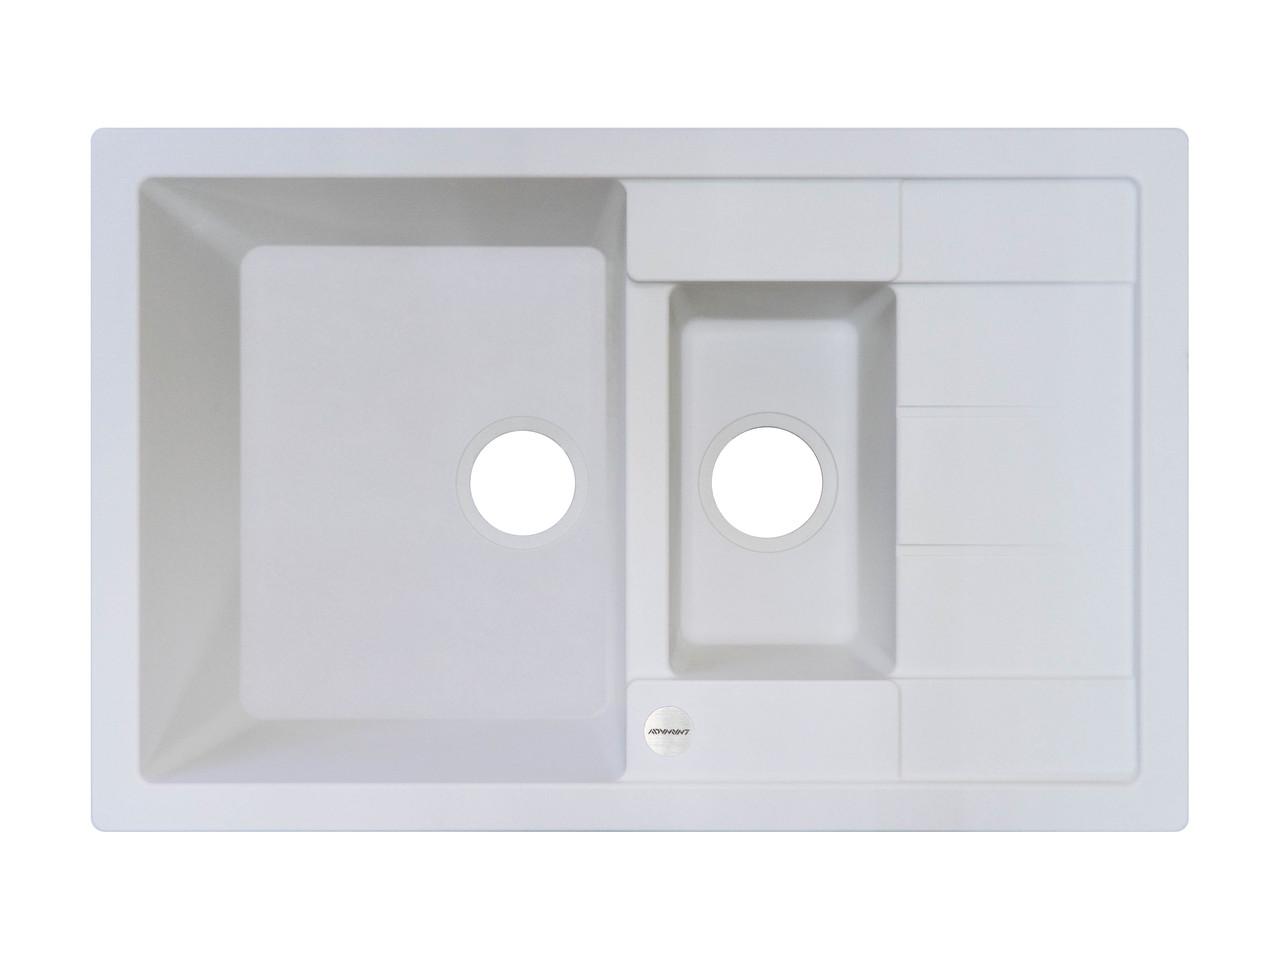 Белая мойка для кухни гранитная 78*50*20 см ADAMANT ANILA PLUS (БЕЛЫЙ)